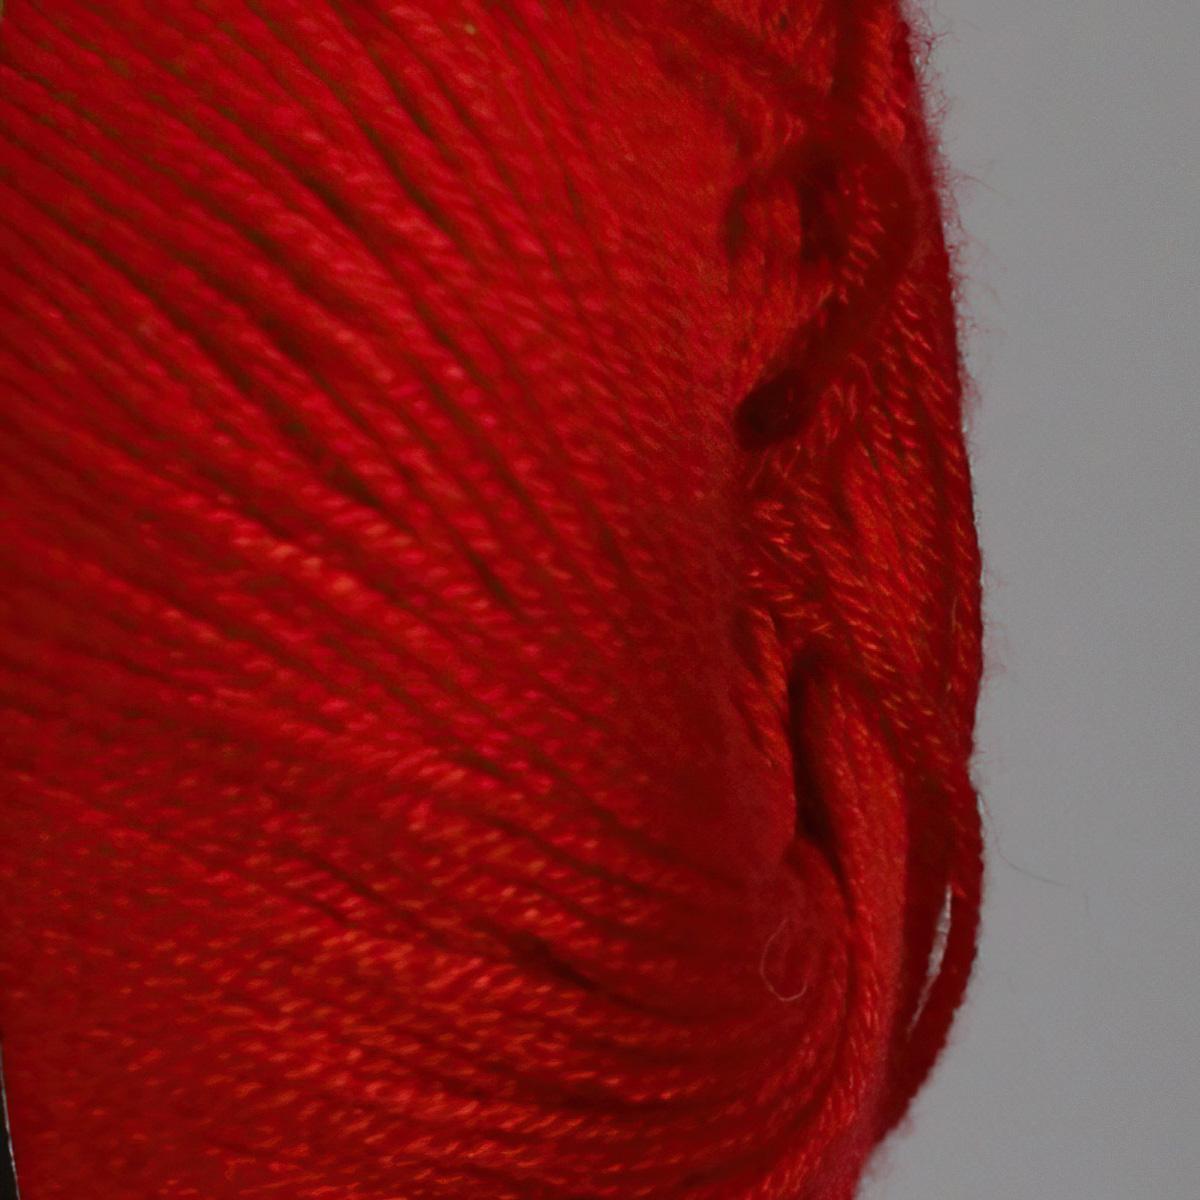 Pletací / háčkovací příze YarnArt BAMBOO 555 červená, jednobarevná, 50g/200m